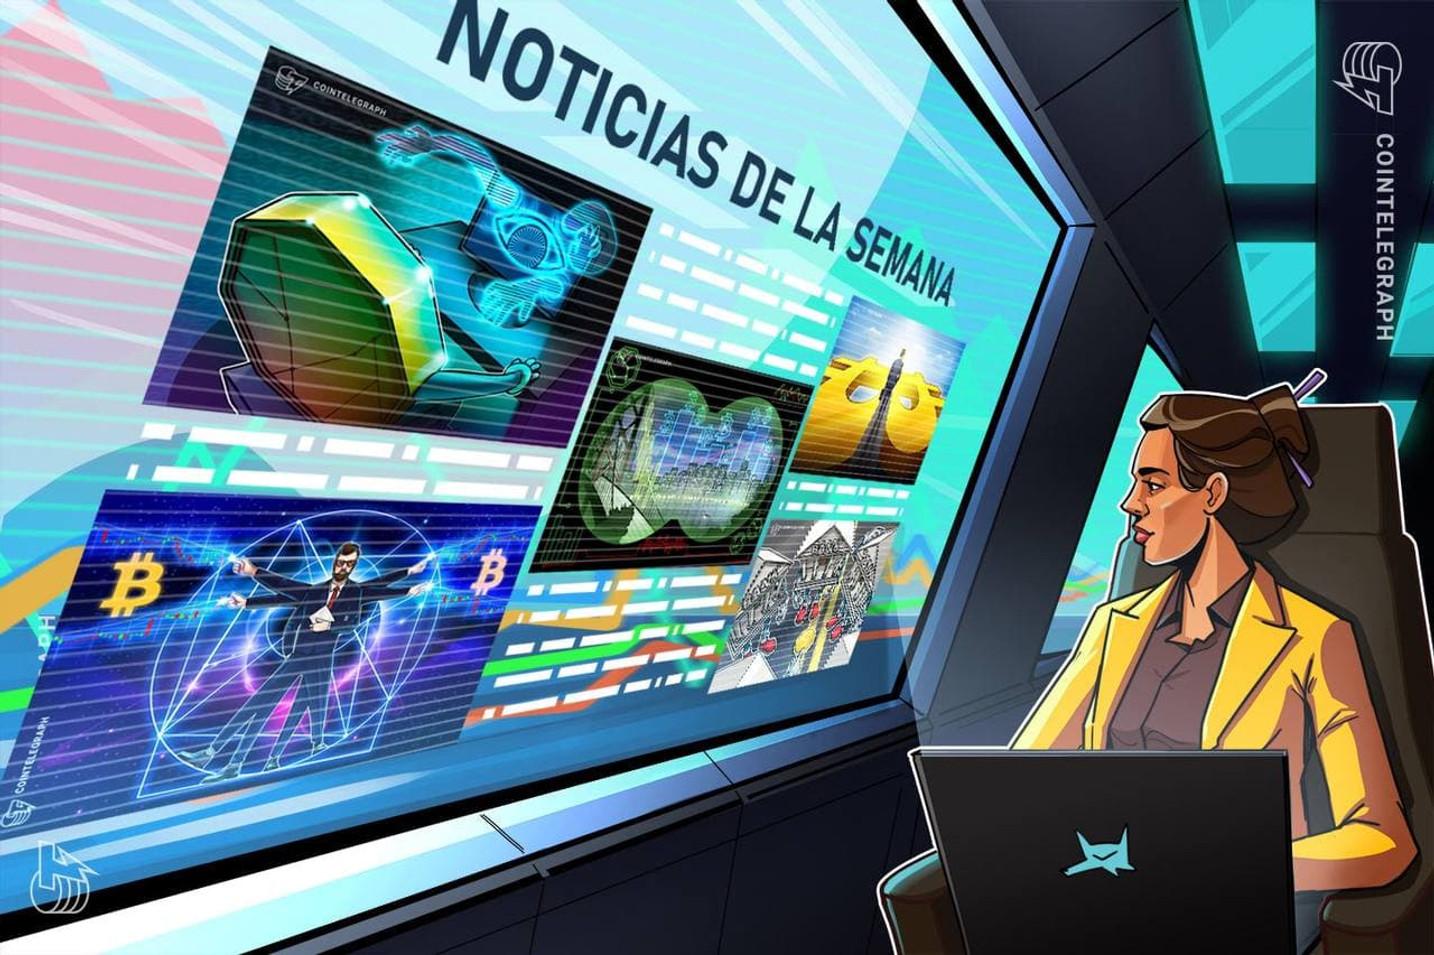 Top criptonoticias de la semana: Banco Central de Argentina vigilando, Bitcoin al borde de una ruptura, miles de millones de dólares en opciones bajistas de BTC y mucho más